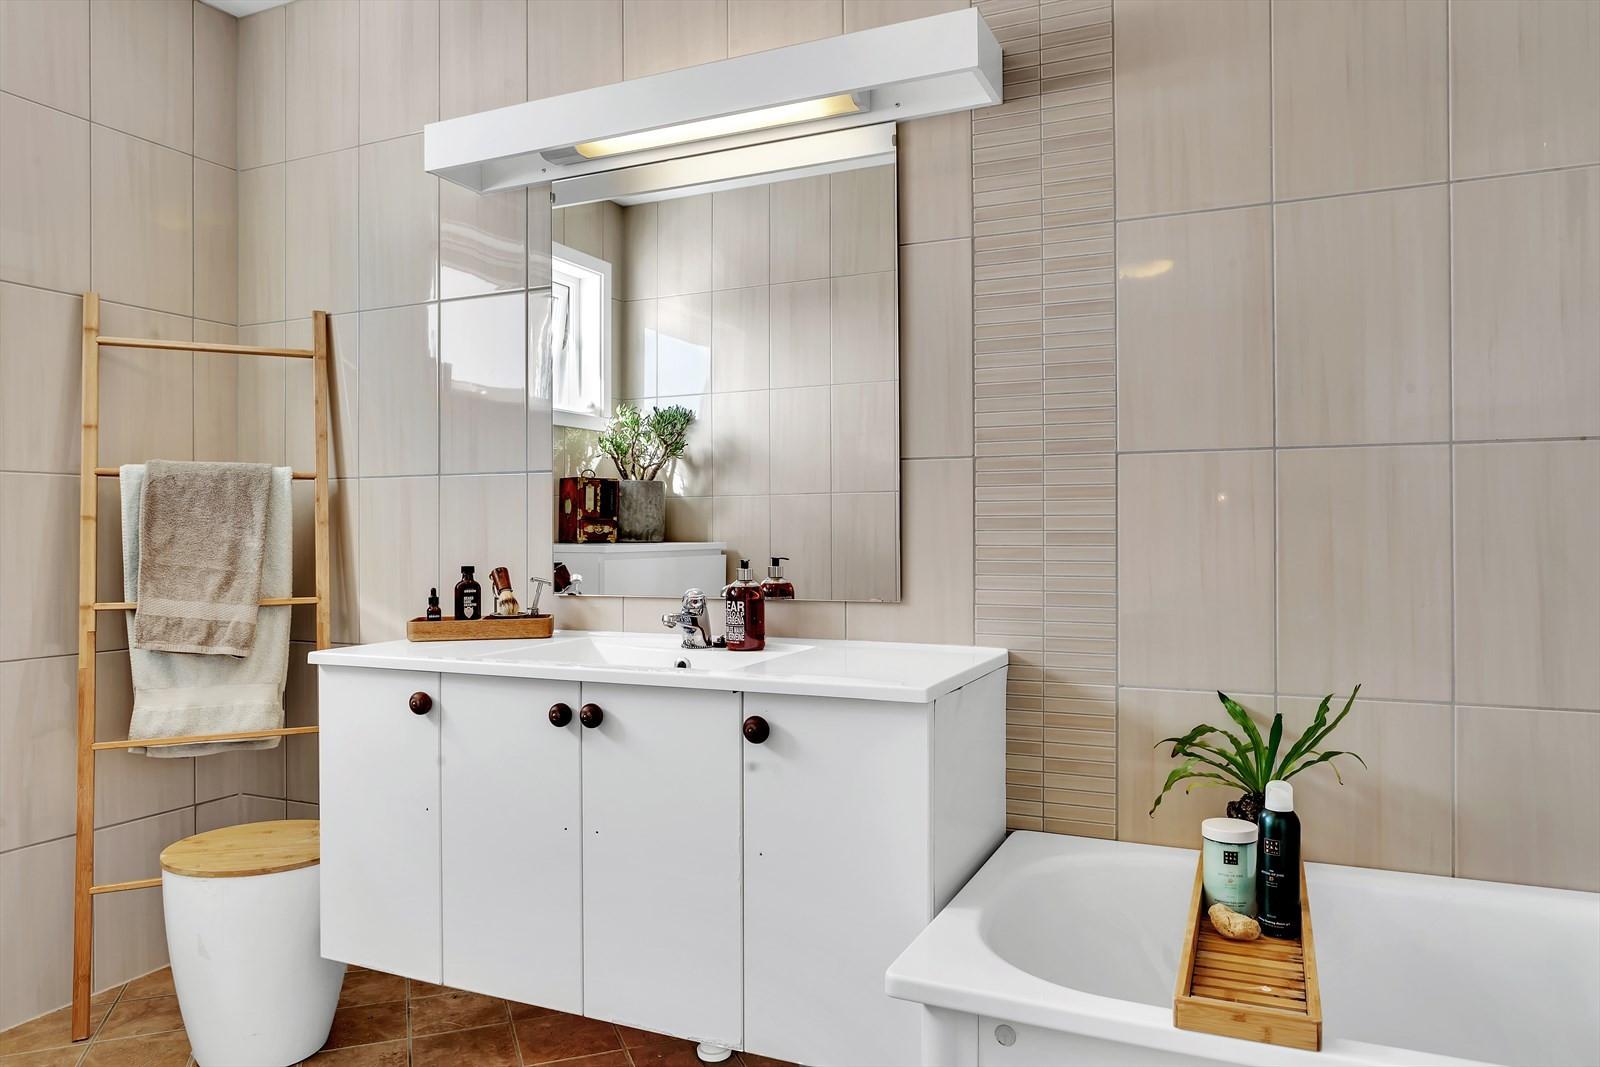 Badrom plan 3  har badekar og toalett. Komplett flislagt på gulv og vegg.